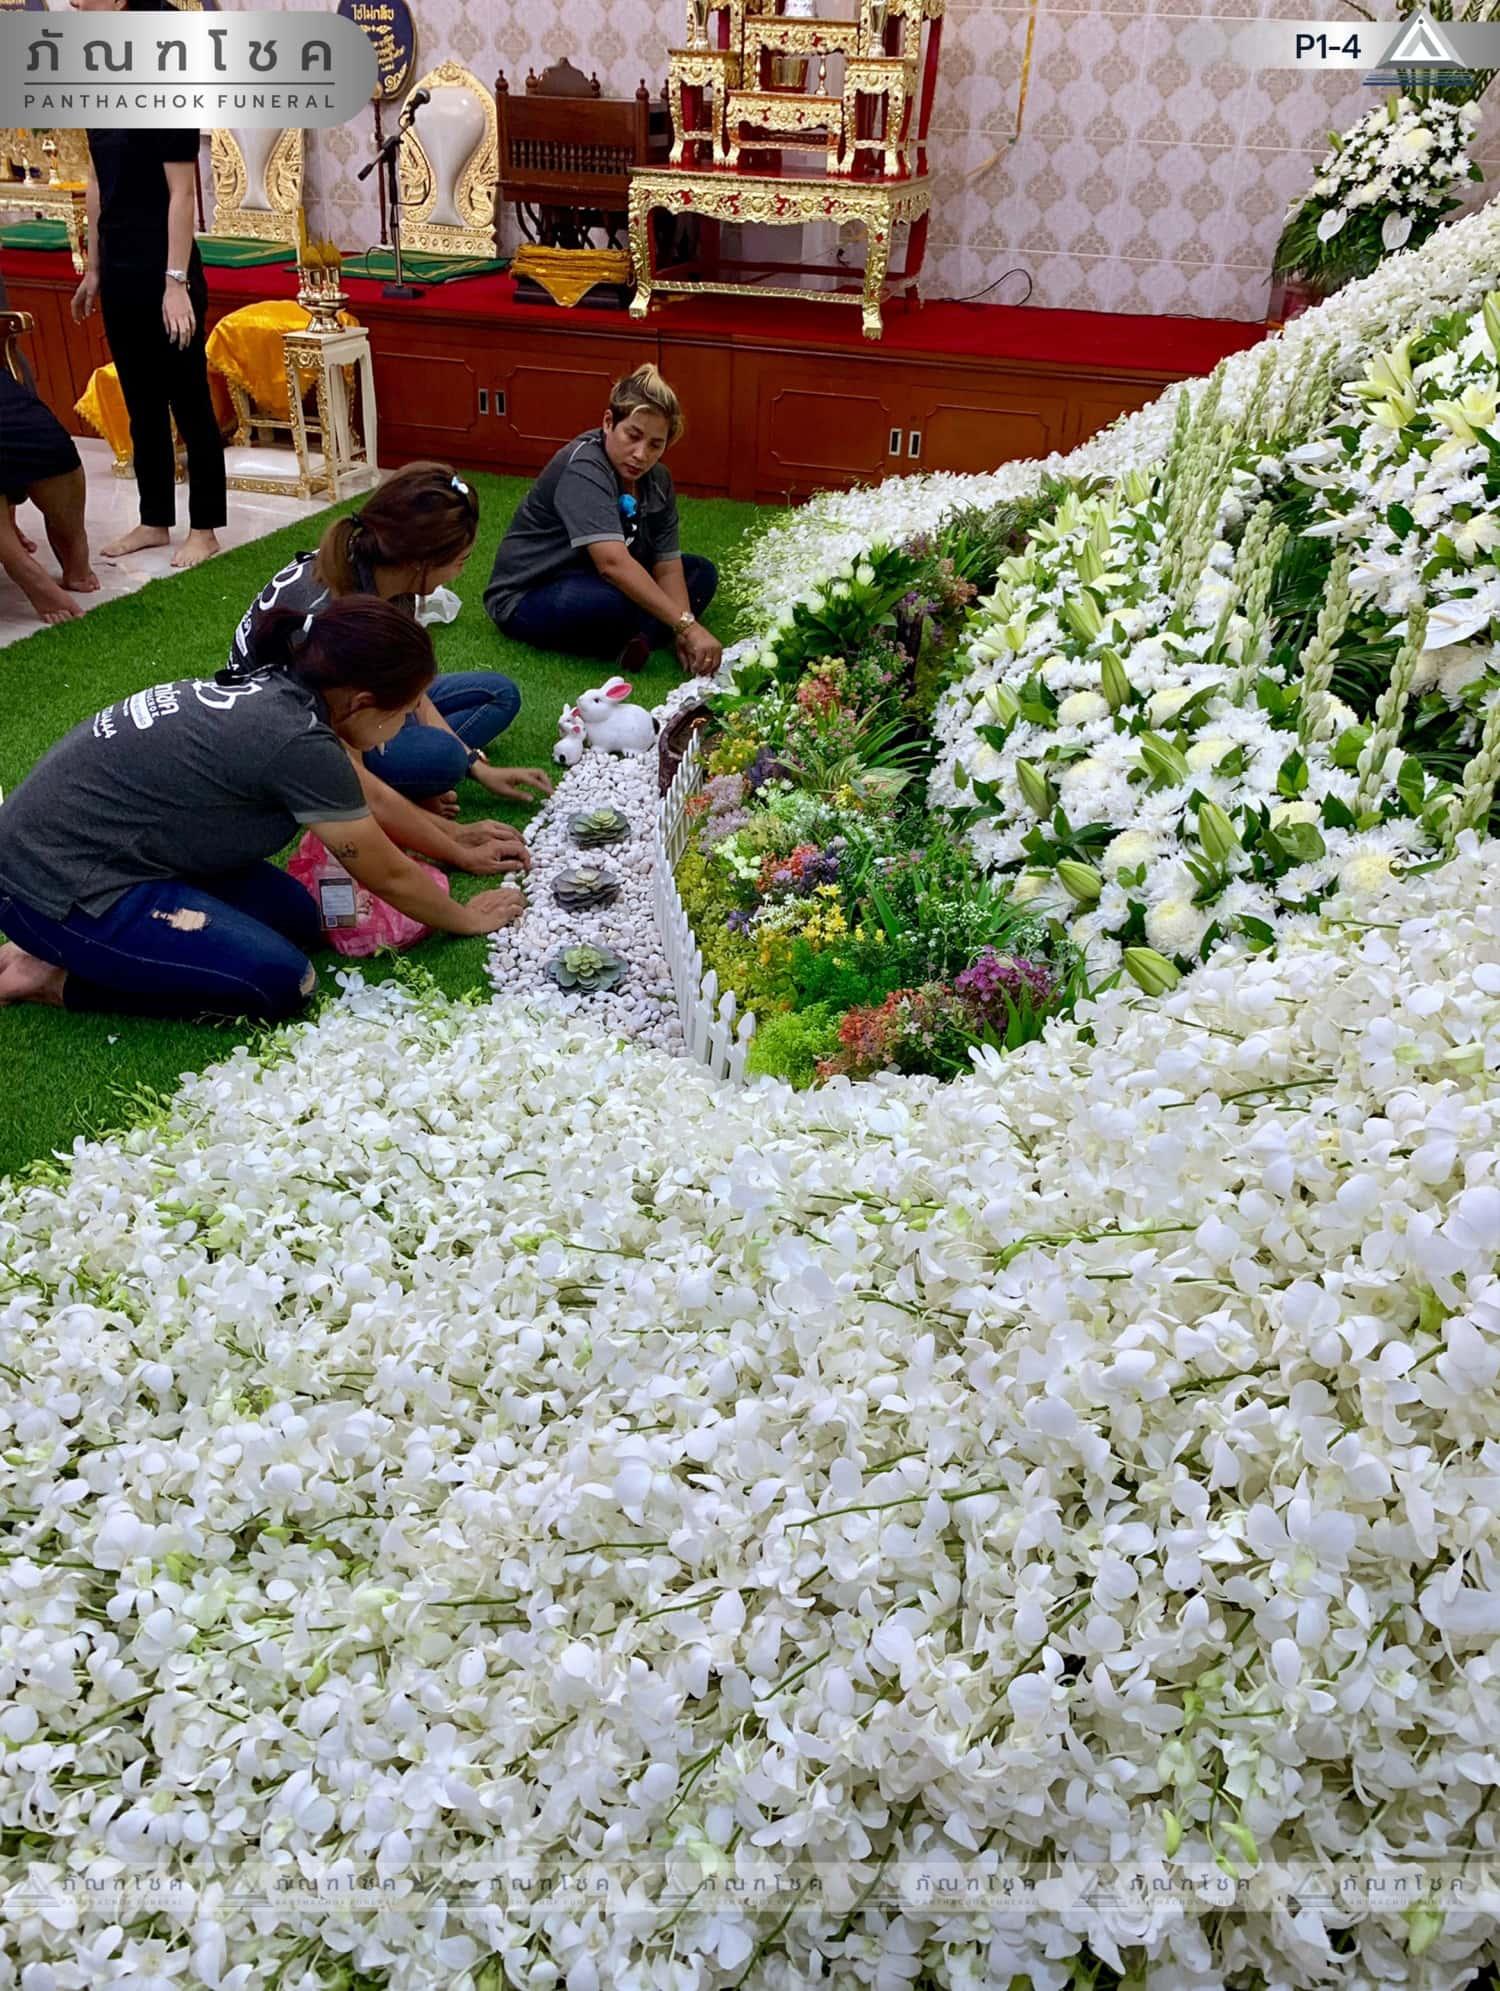 ดอกไม้หน้าศพ ชุด P1-4 74